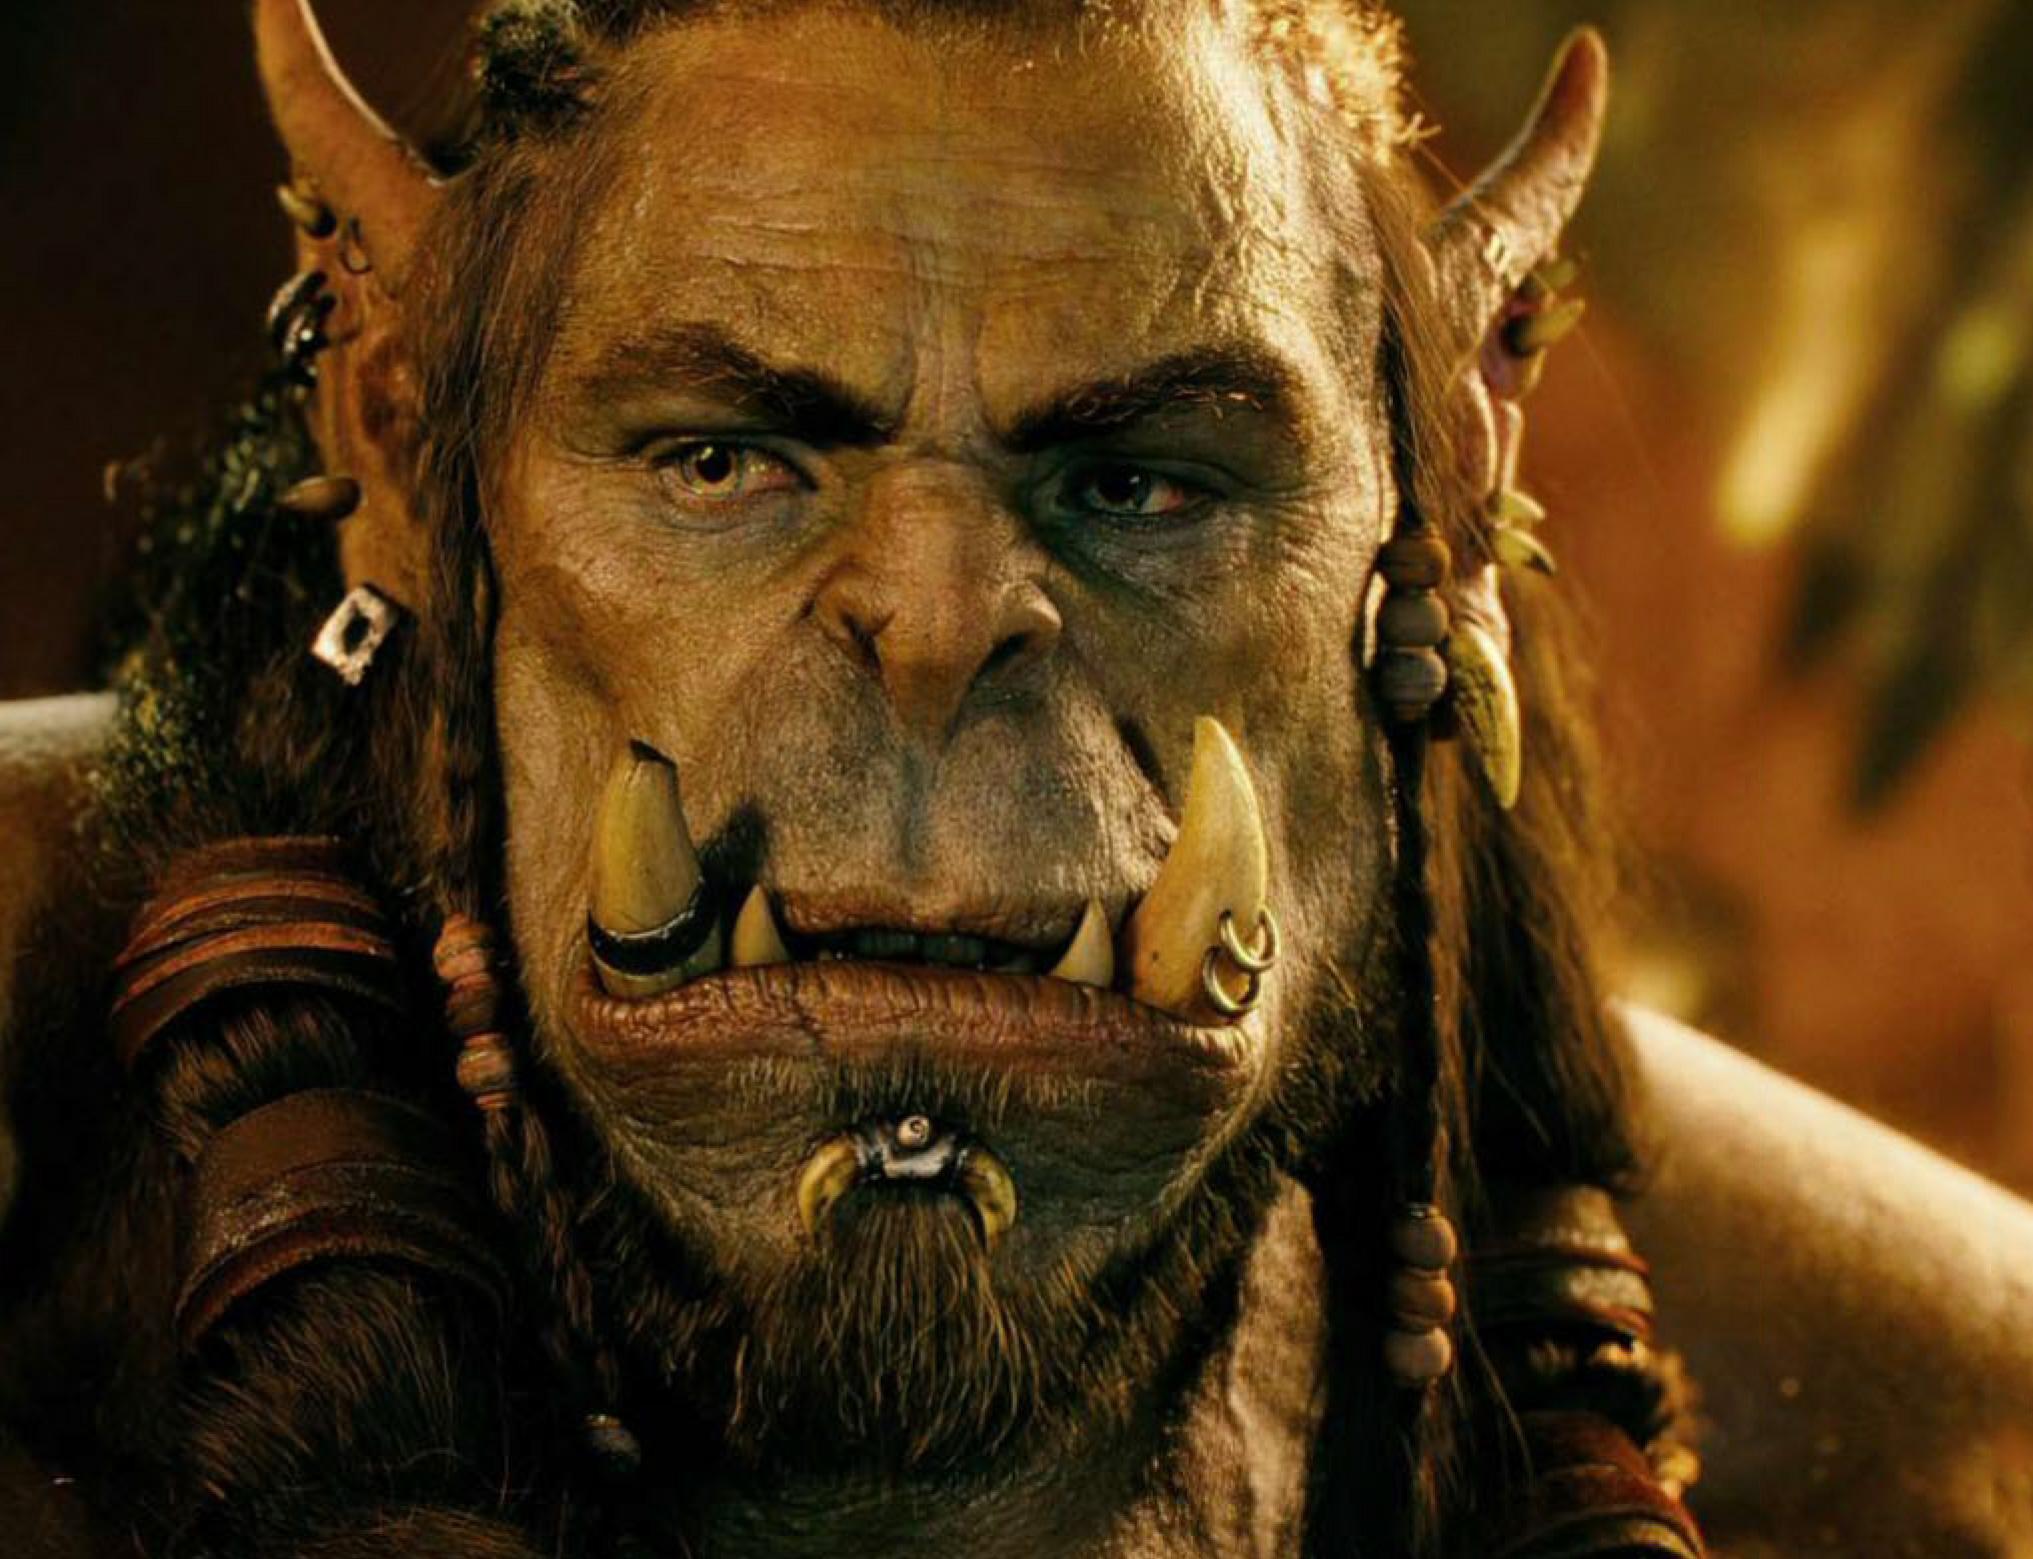 Brawo Multikino! Kupisz bilet na film Warcraft: Początek, dostajesz miesiąc grania w MMORPG za darmo